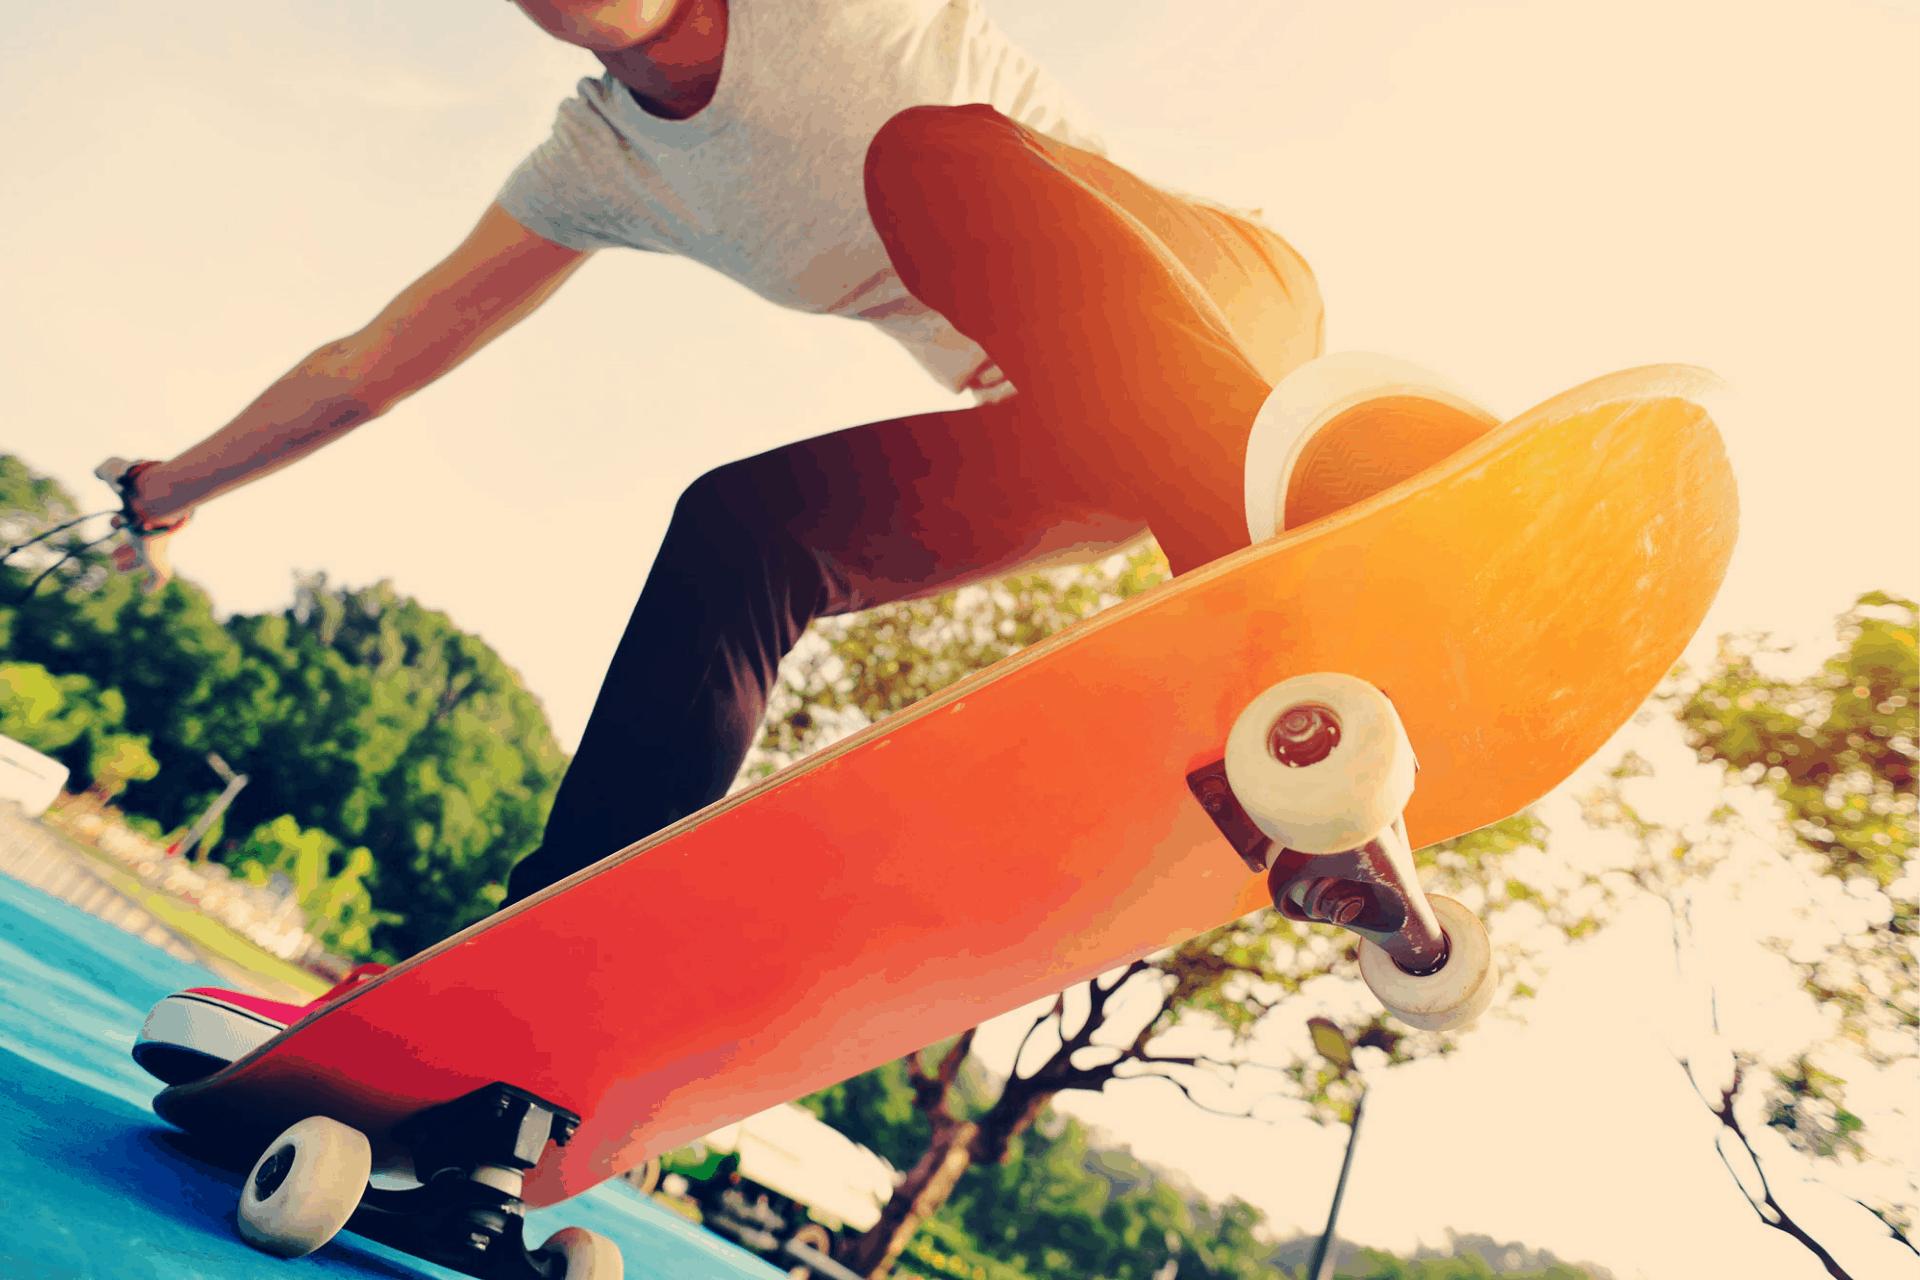 vedligeholdelse på dit skateboard